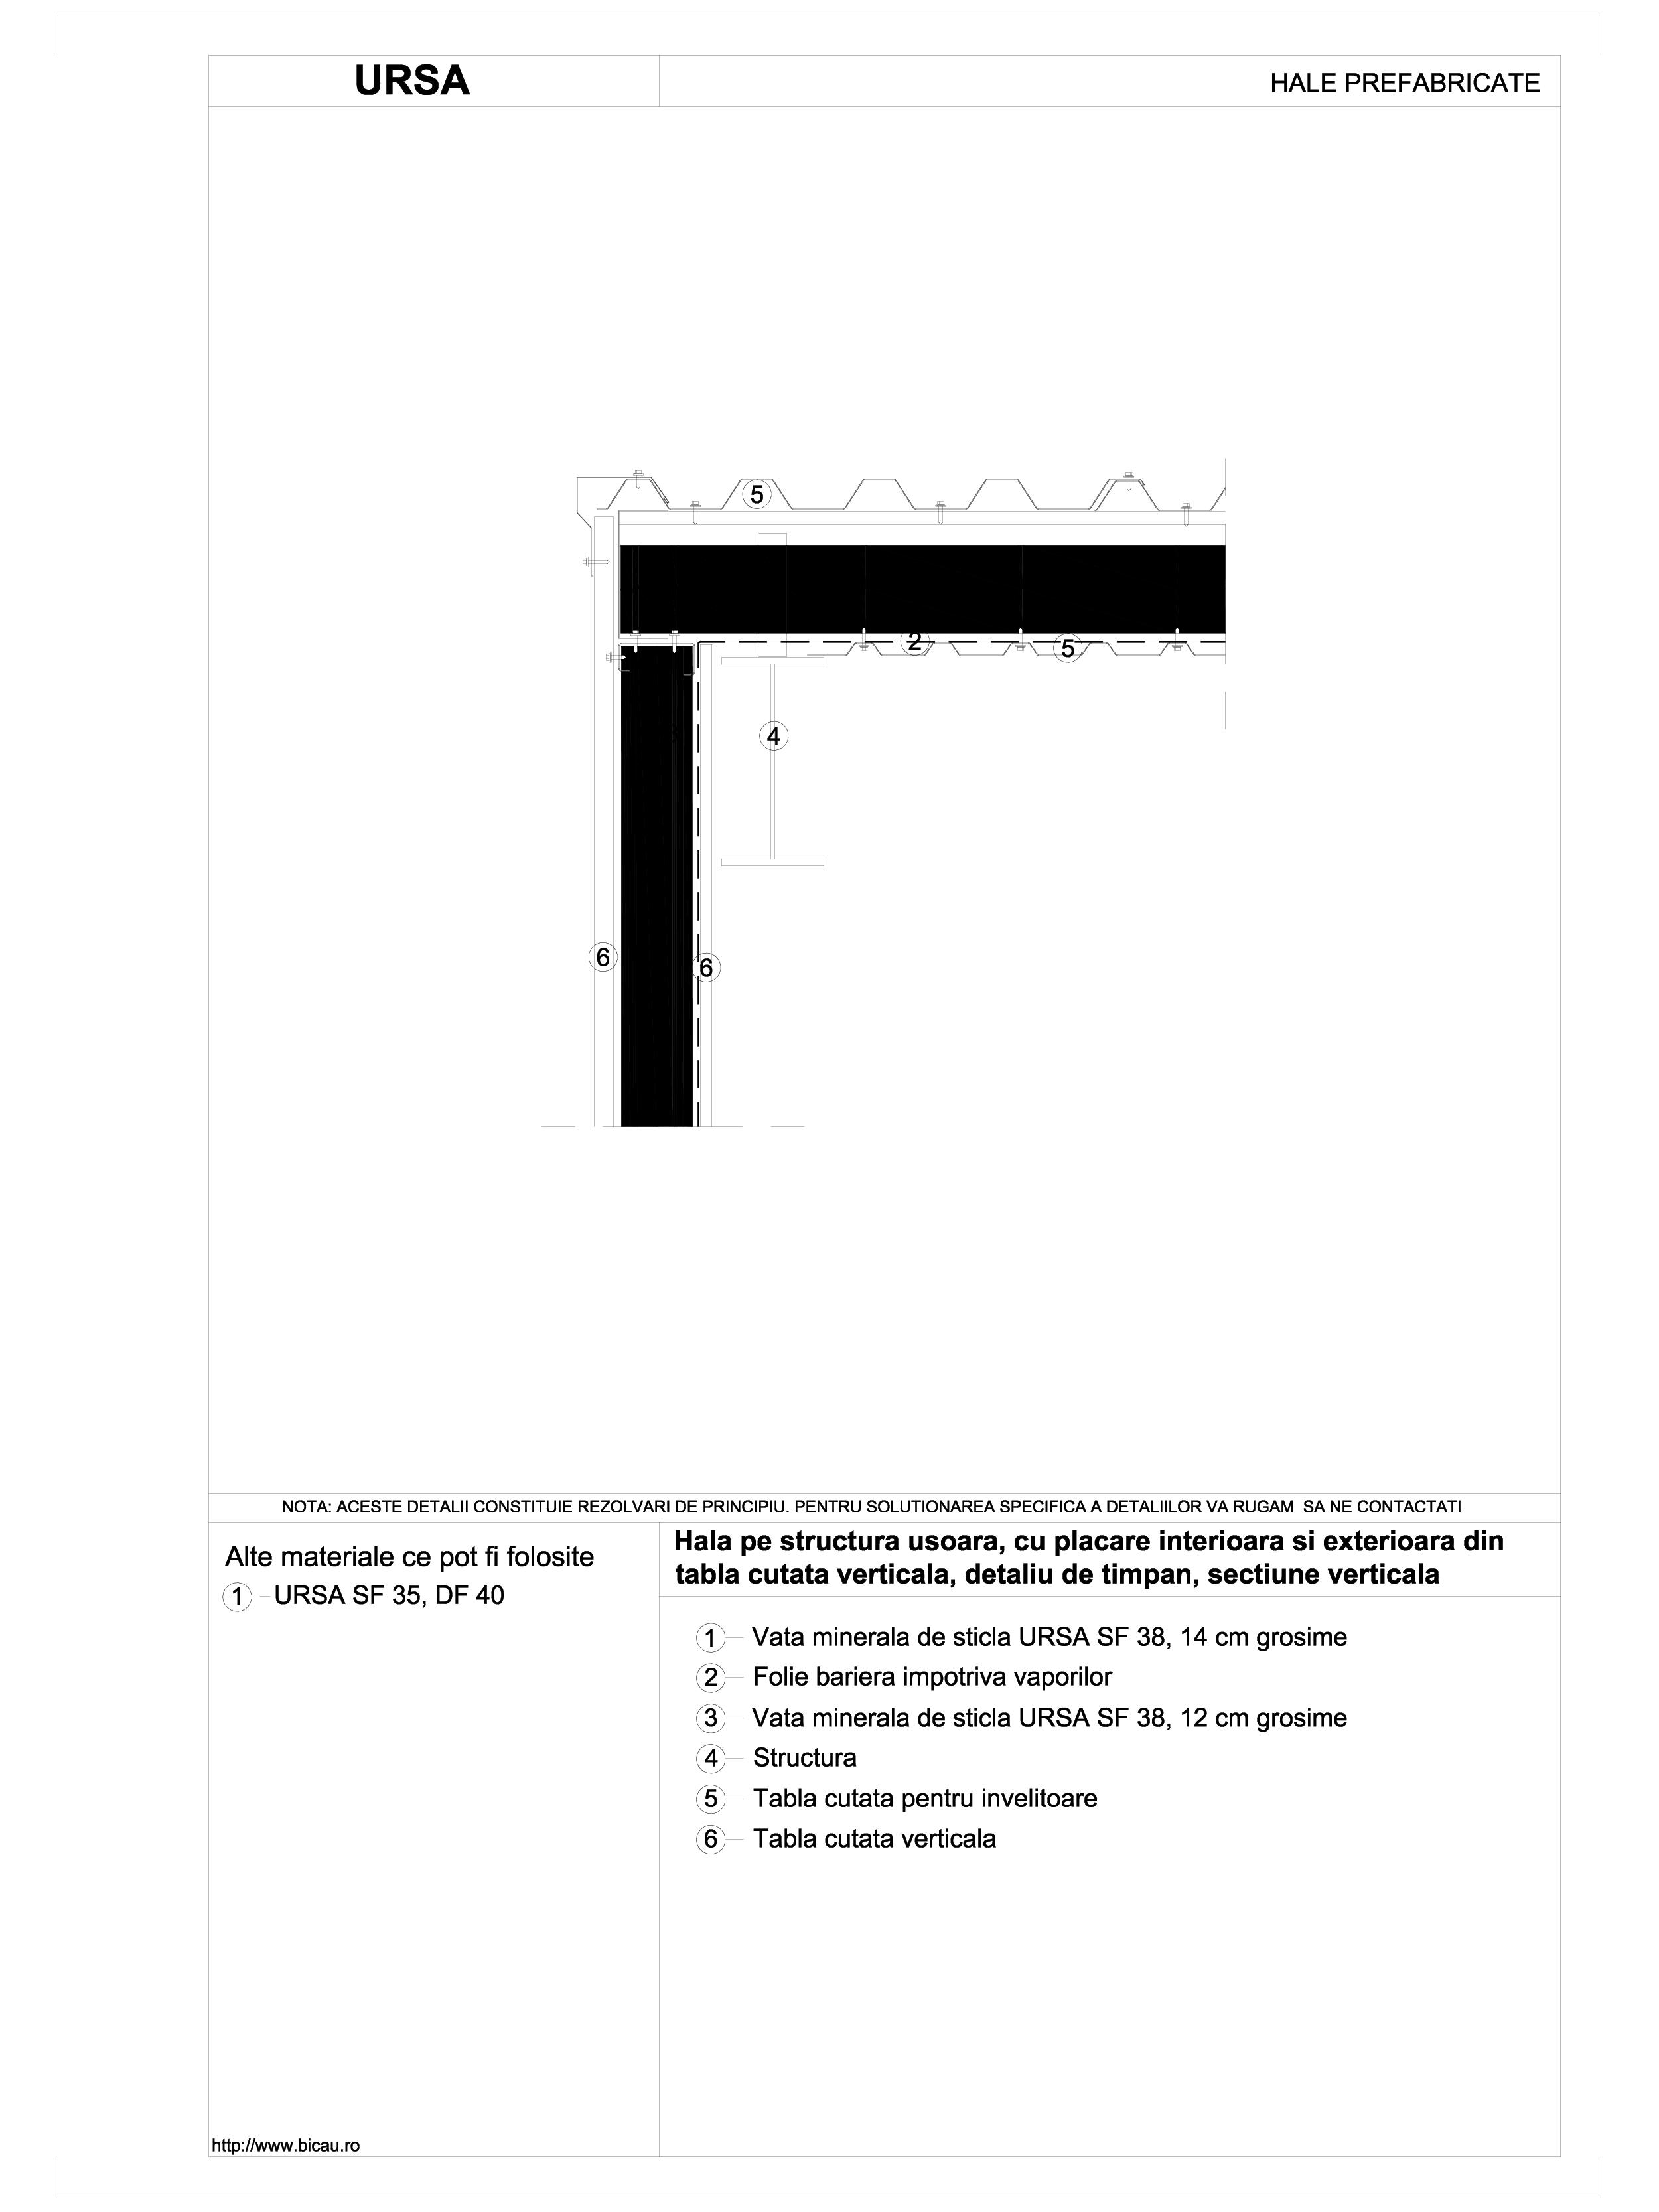 Hala pe structura usoara, cu placare interioara si exterioara din tabla cutata verticala, detaliu de timpan, sectiune verticala URSA Vata minerala pentru fatade neventilate si hale prefabricate URSA ROMANIA   - Pagina 1